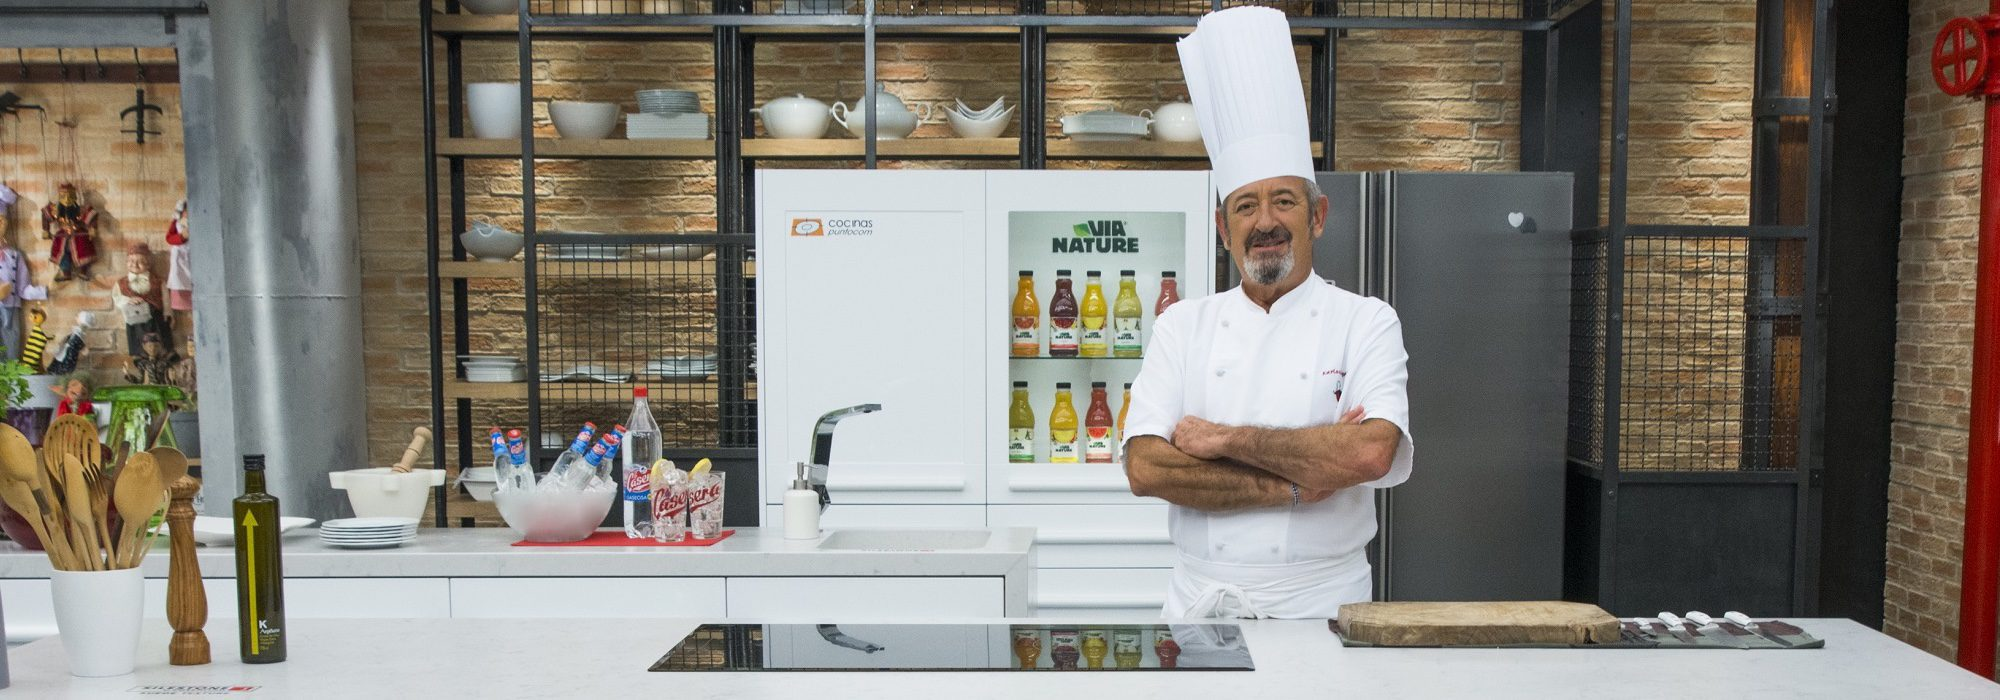 Karlos argui ano en tu cocina telecinco ficha for Cocina karlos arguinano